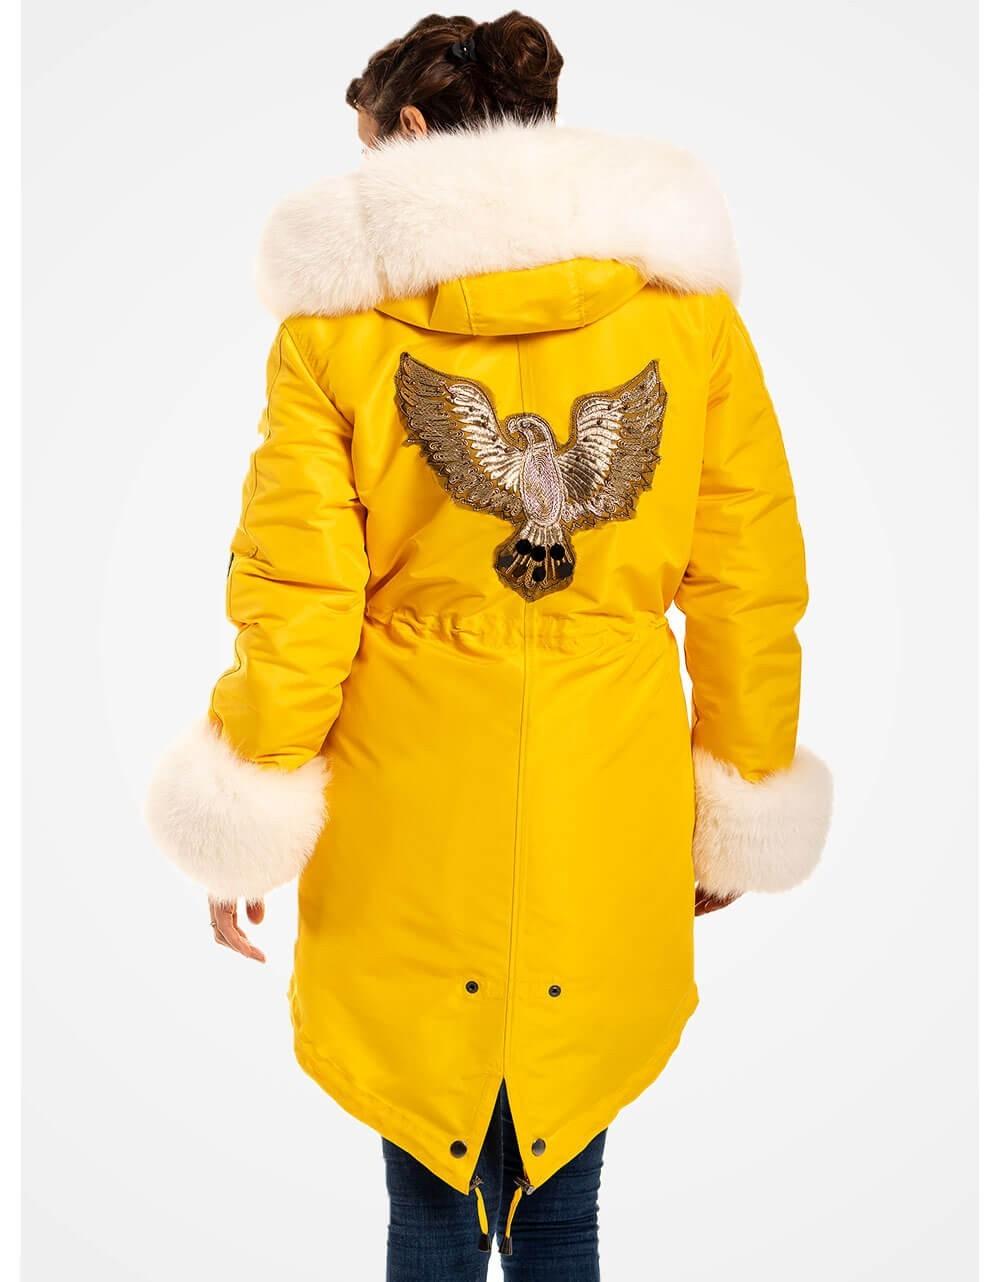 Womens Yellow Parka Coat